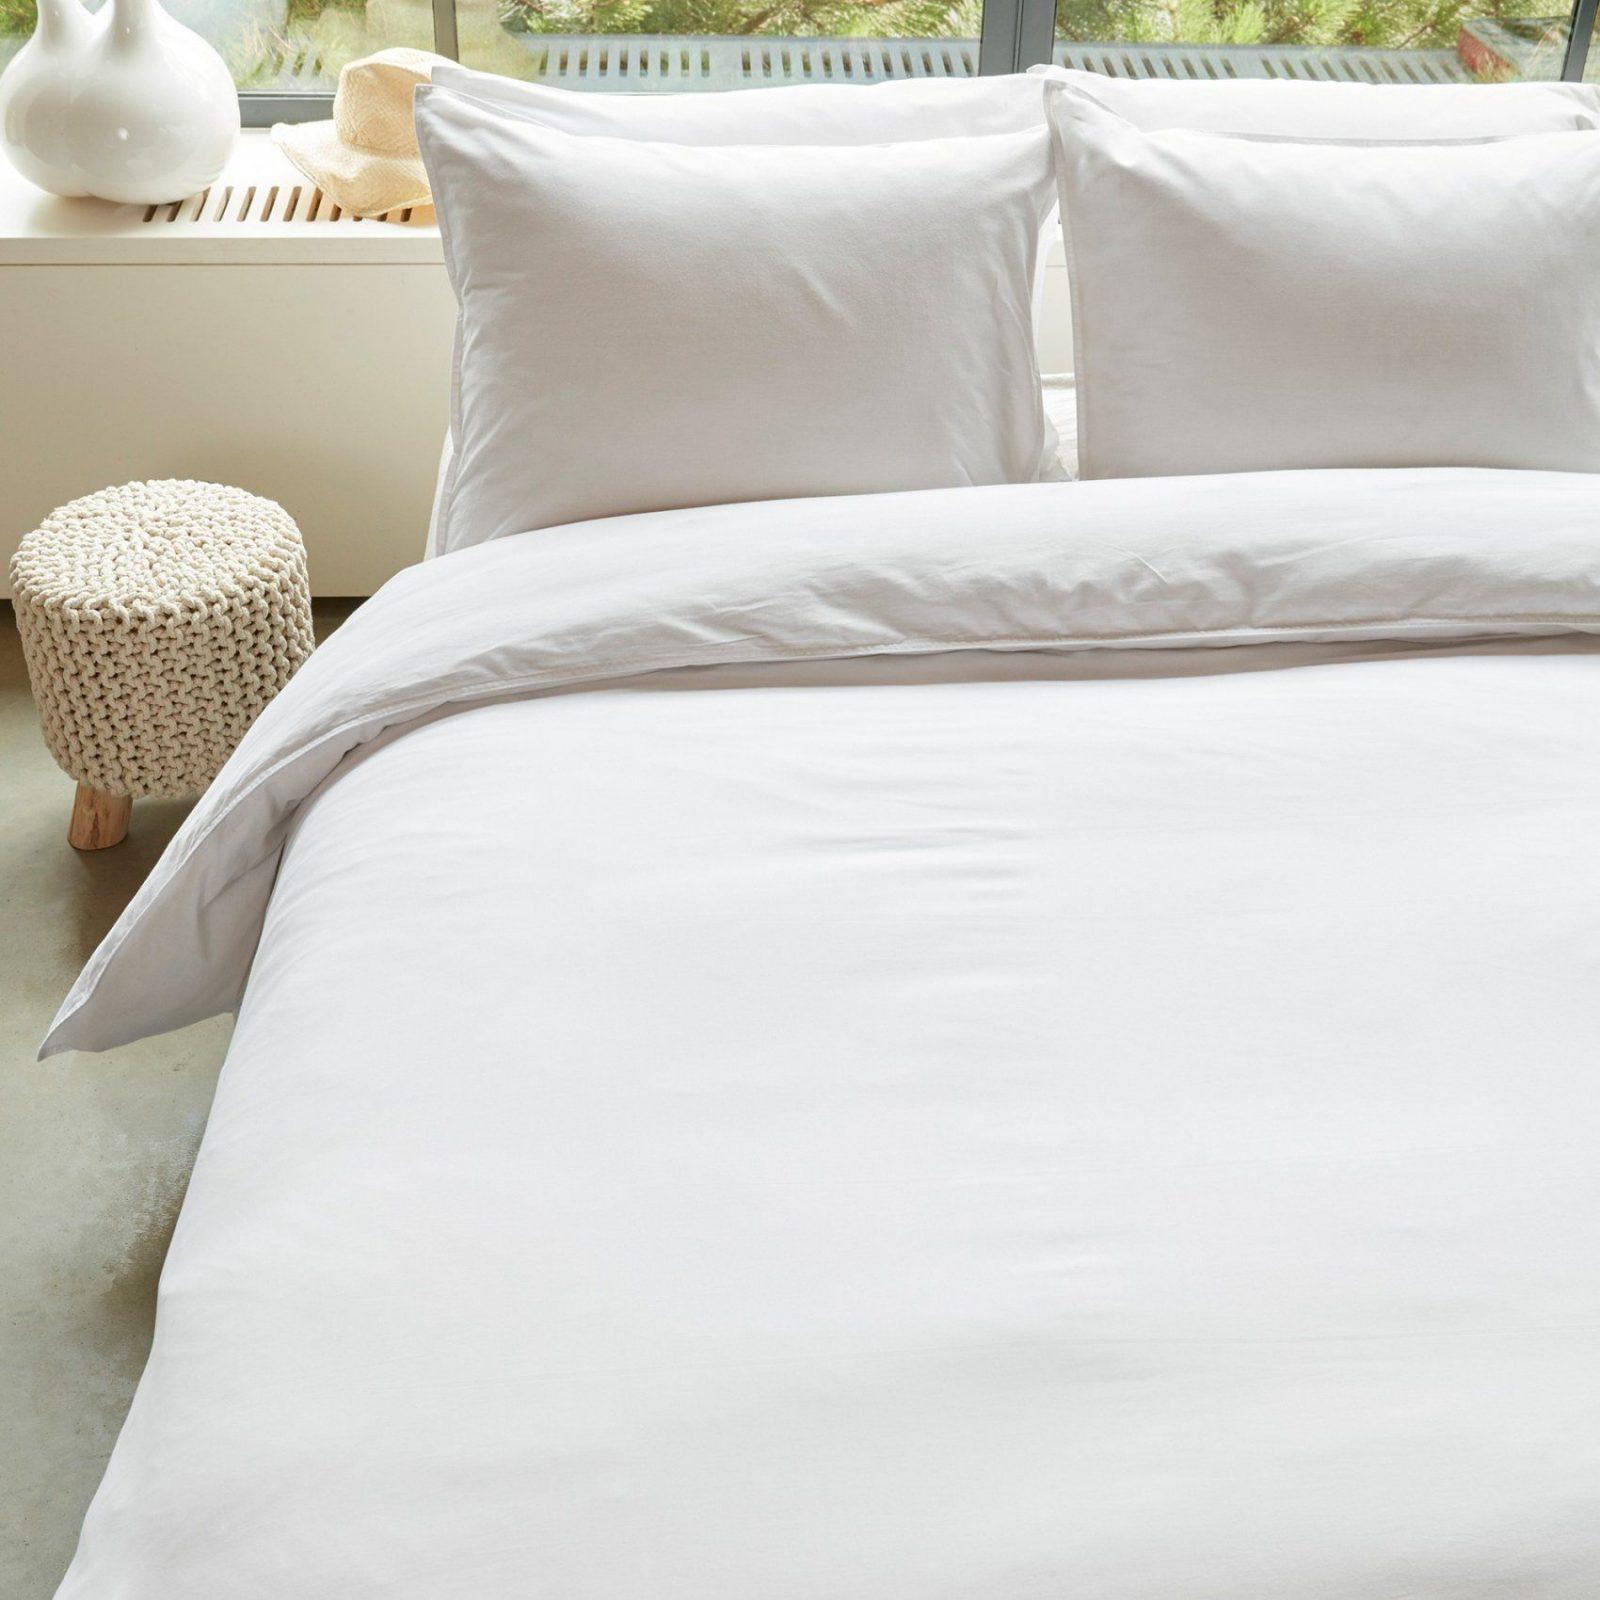 Perfekt Bettwäsche 200X220 H&m  Bettwäsche Ideen von Günstige Bettwäsche 200X220 Photo